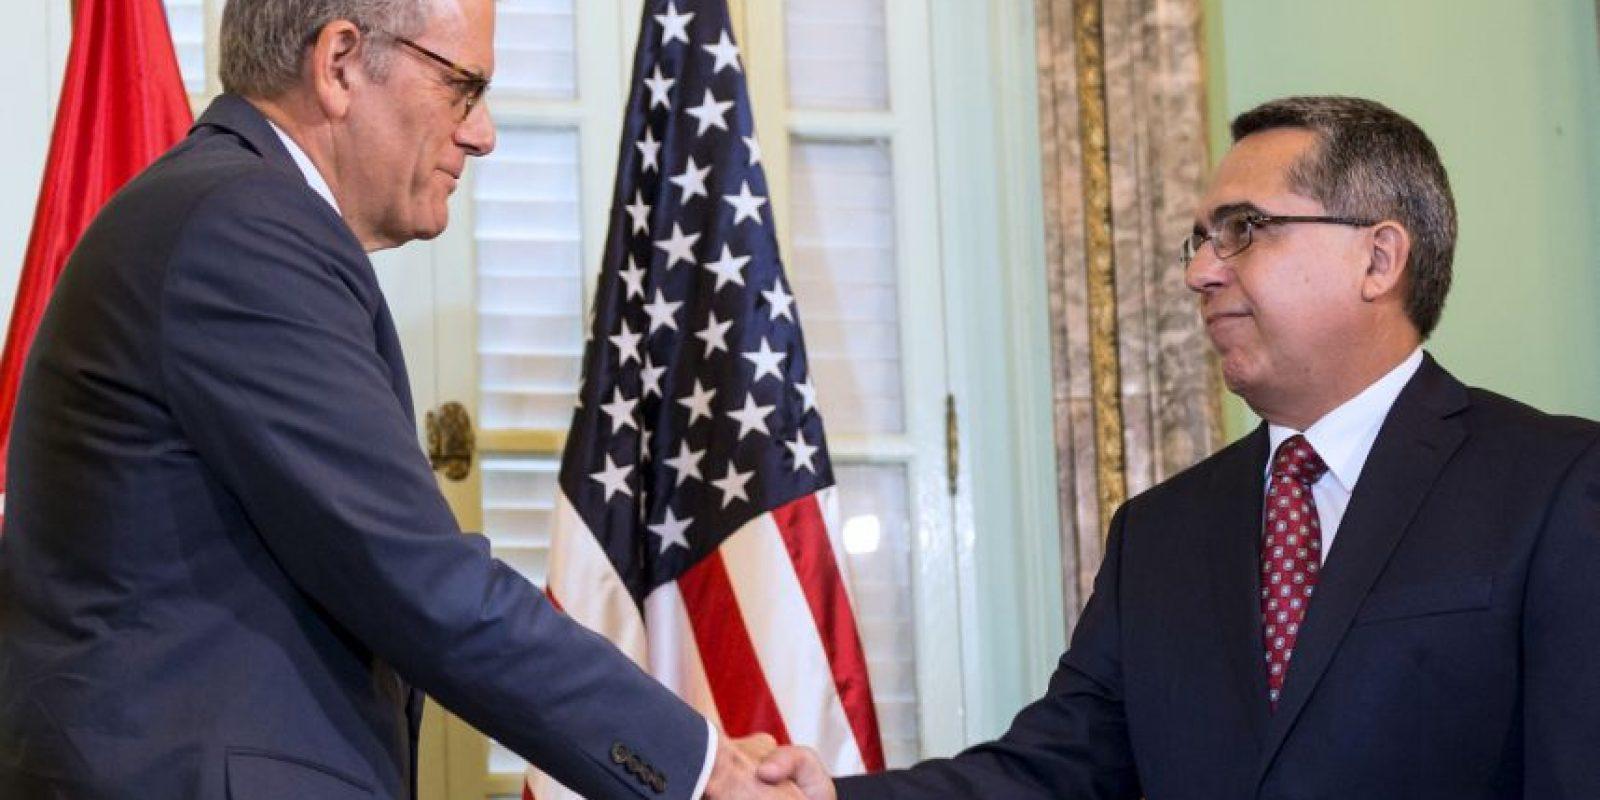 Antes del anuncio, el ministro interino de Relaciones Exteriores de Cuba, Marcelino Medina González, recibió una carta del presidente Barack Obama. Foto:AFP